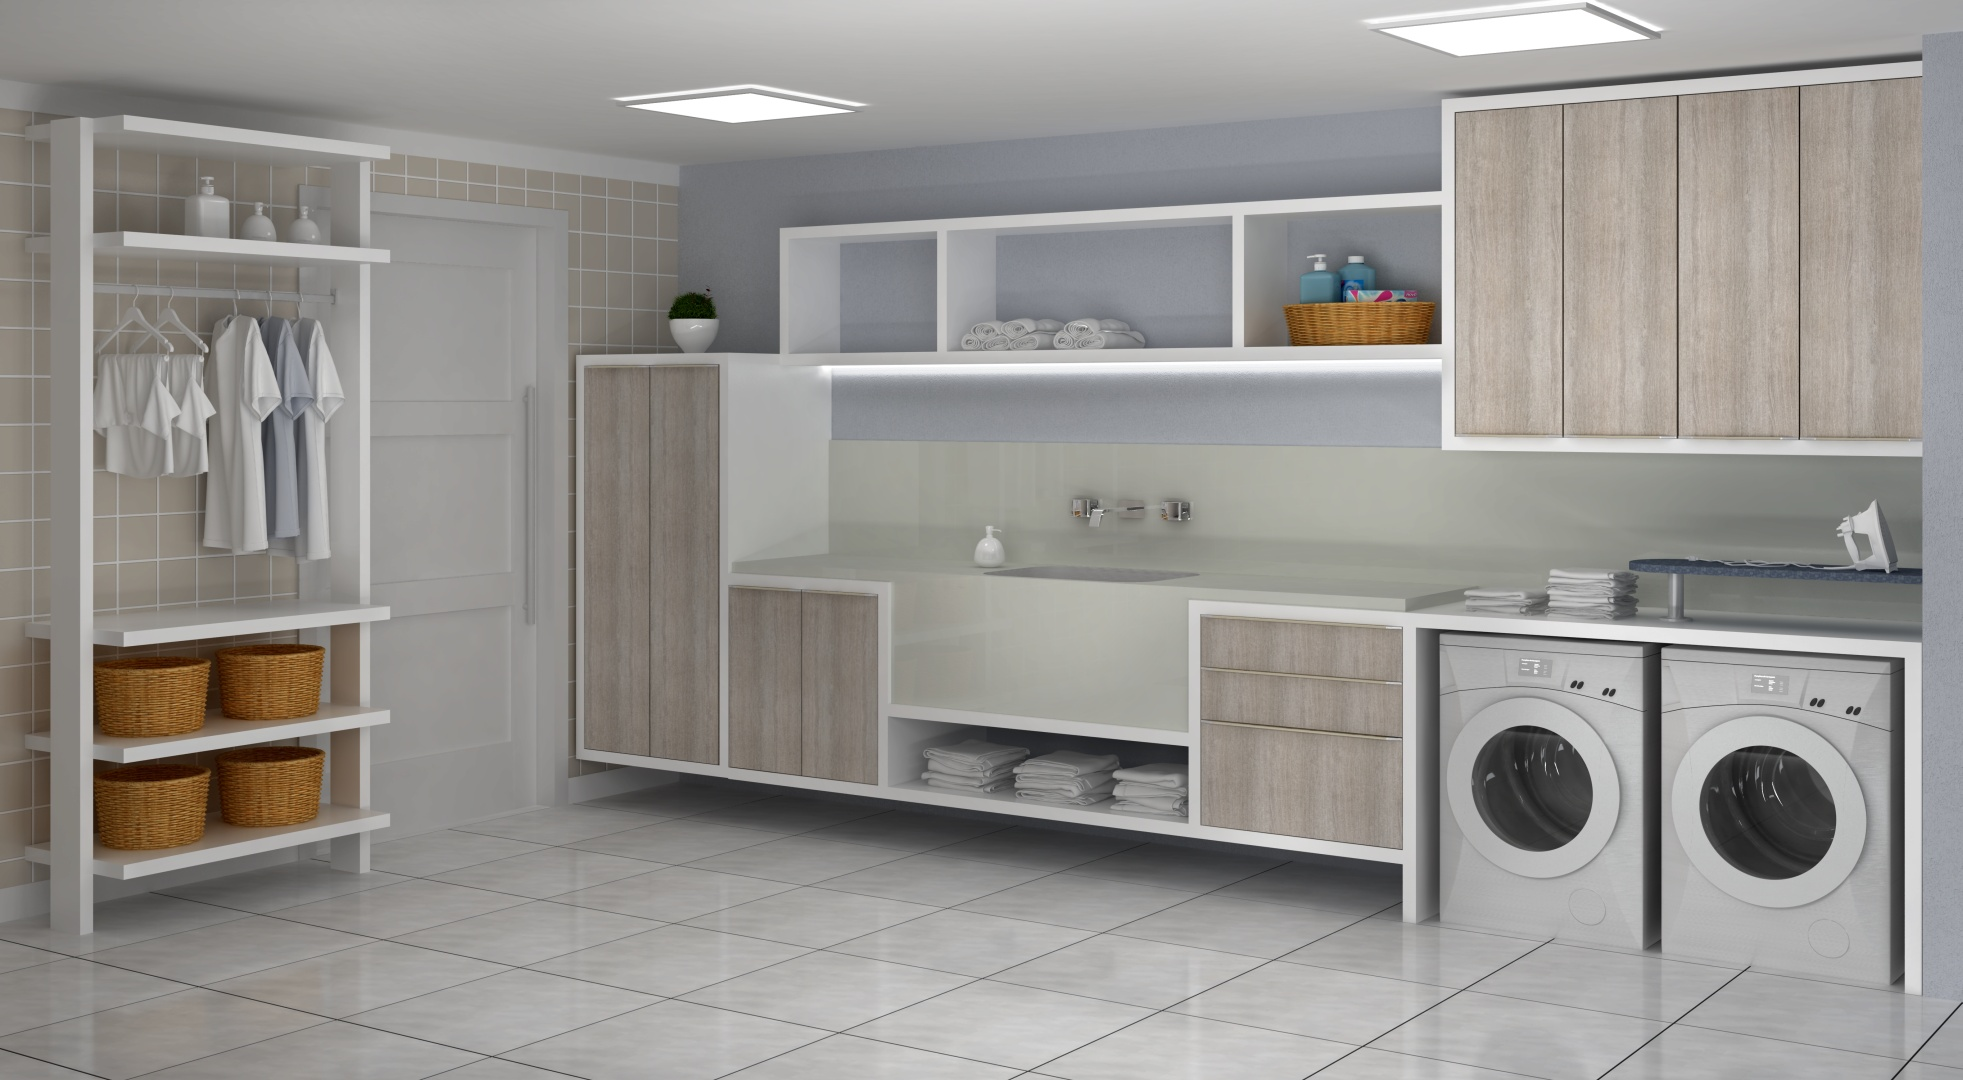 Awesome Migliori Cucine Qualità Prezzo Photos - Design & Ideas ...